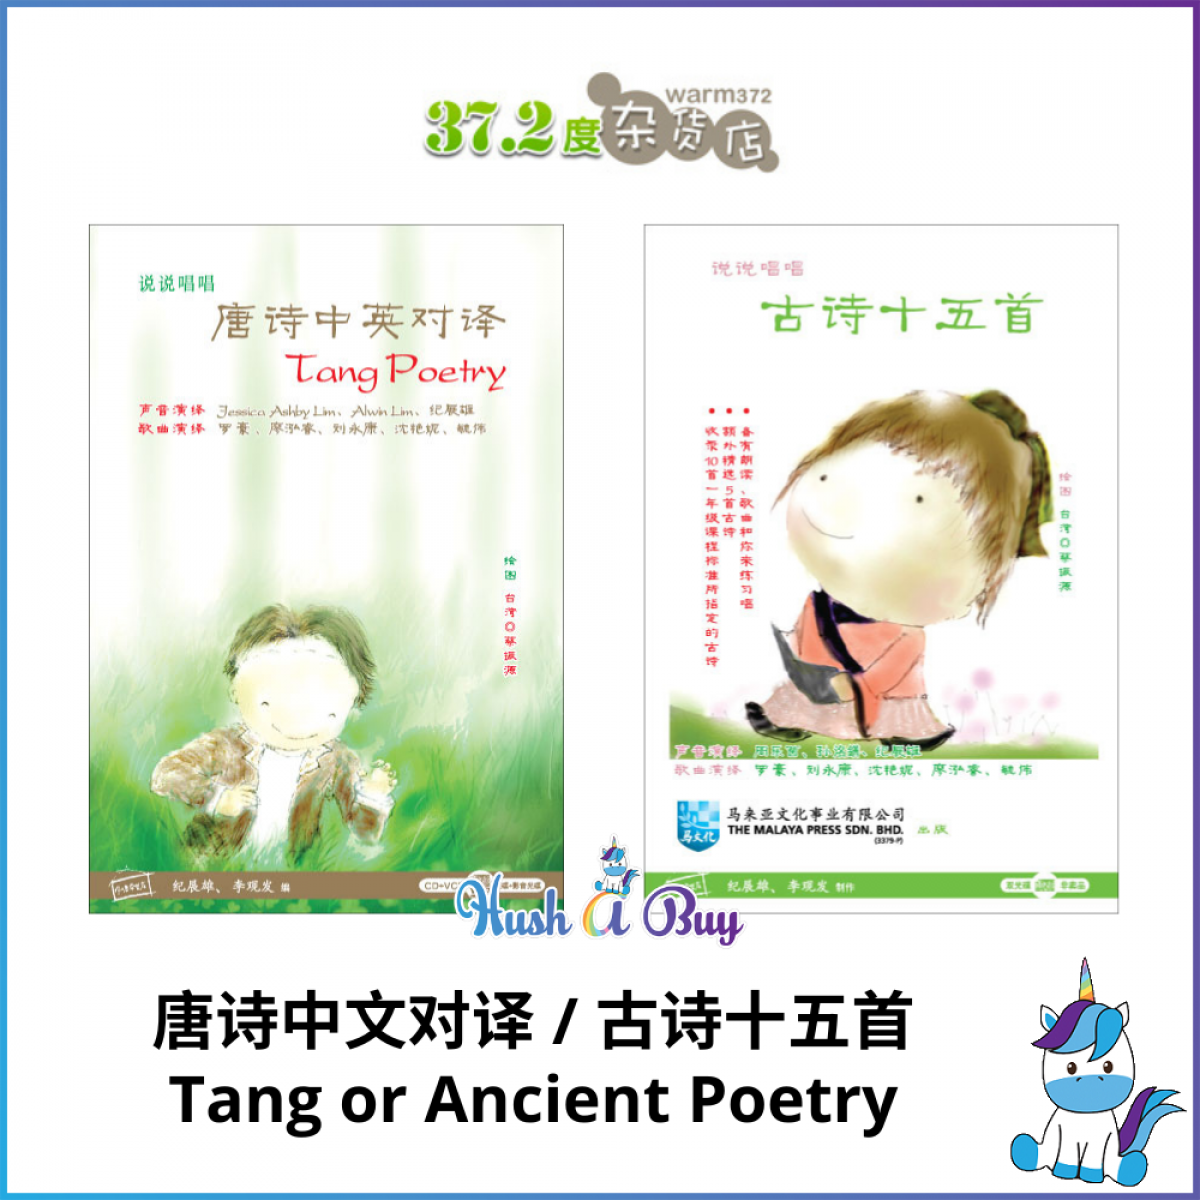 37.2度杂货店 Warm 372 说说唱唱 唐诗中文对译 Tang Poetry / 古诗十五首 Ancient Poetry - Learning CD